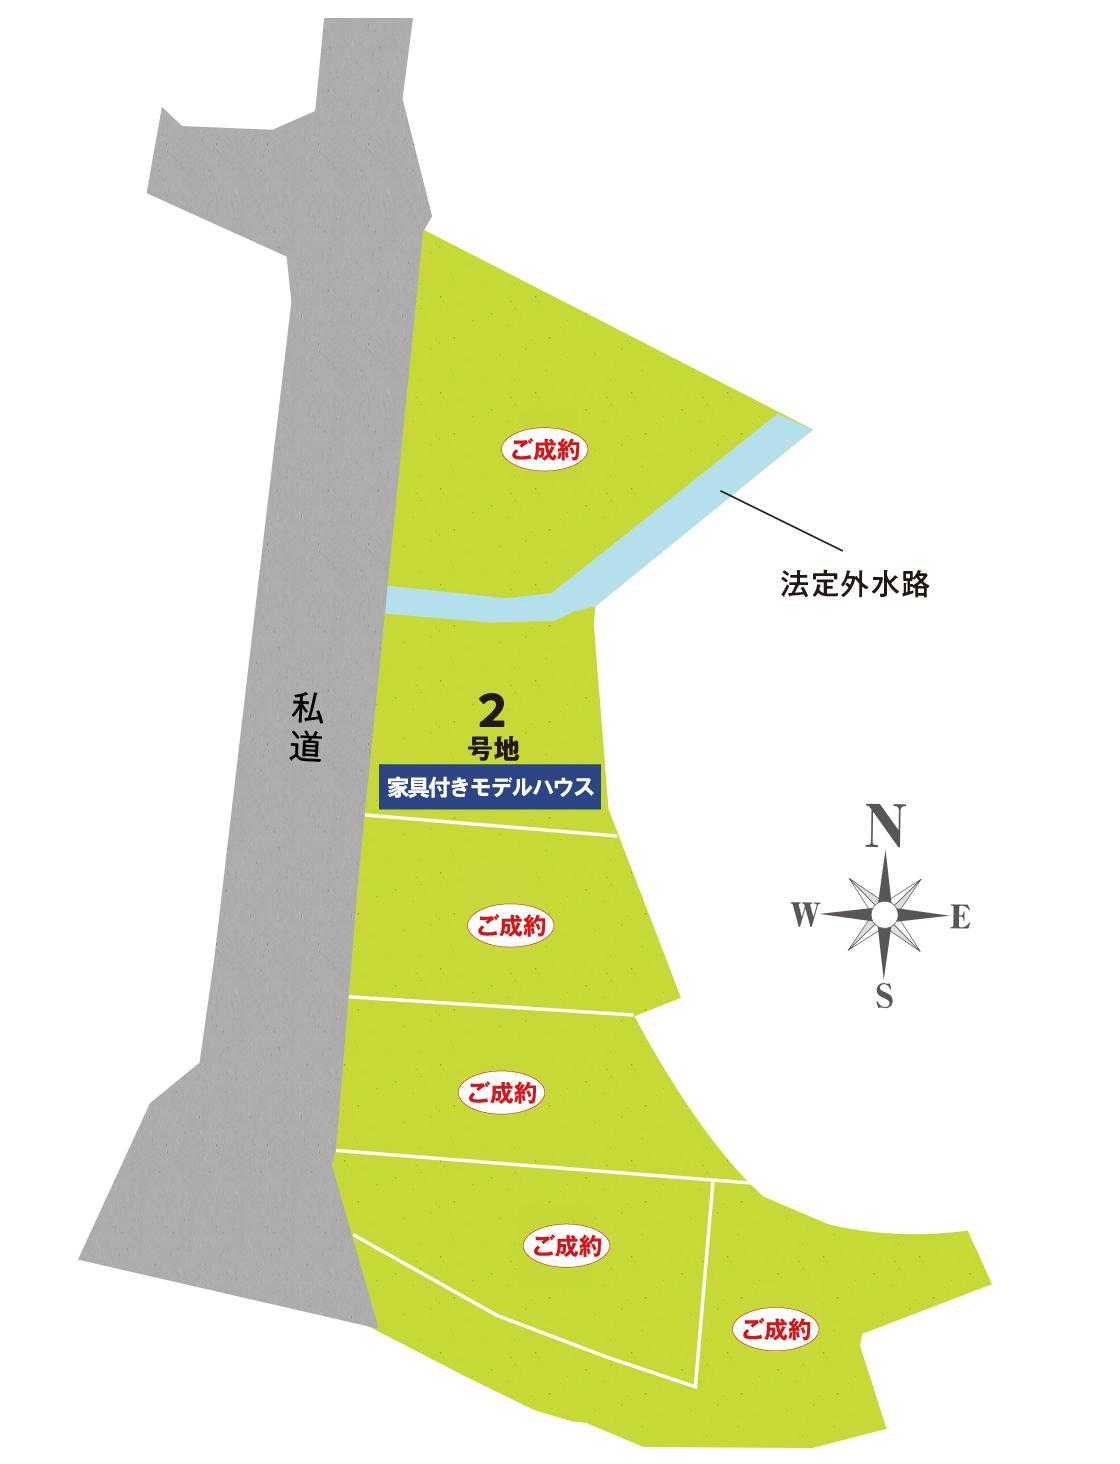 セントフローレンスタウンJR石山駅南 区画図